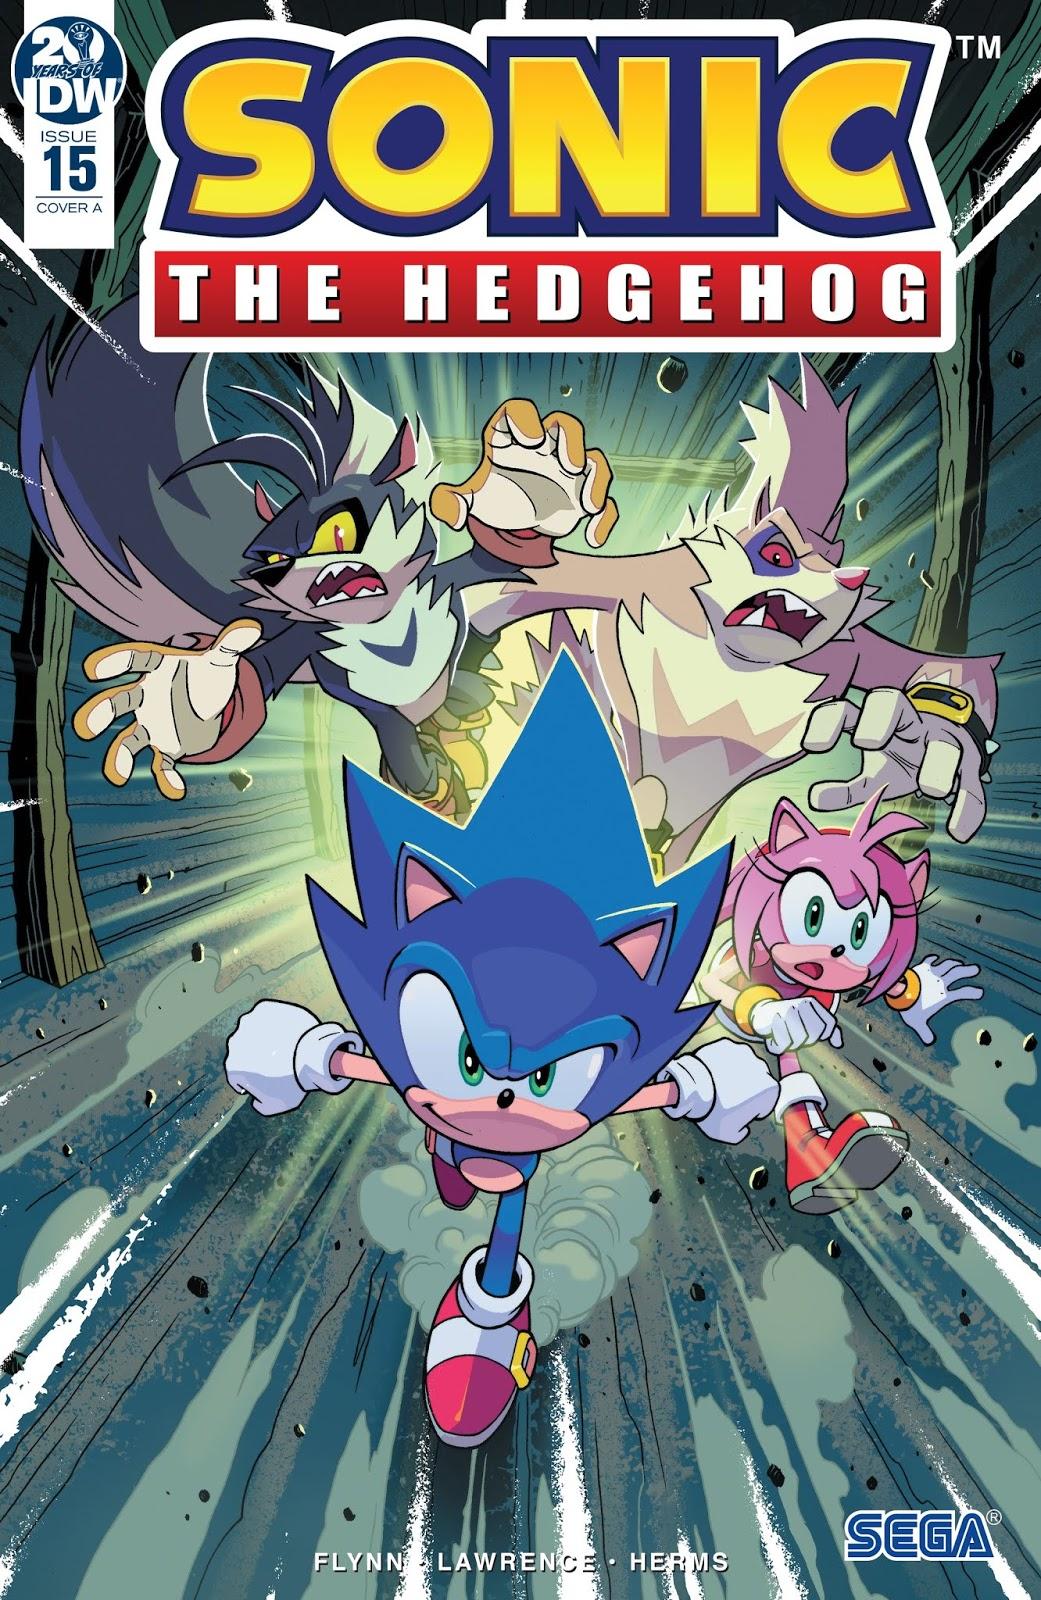 """Actualización 02/04/2019: Número 15 por Rinoa83 para The Tails Archive y La casita de Amy Rose. """"Paciente cero"""". Habiendo finalmente encontrado cara a cara con el Dr. Starline, Sonic necesita aprender más sobre esta nueva amenaza. ¡Él y Amy investigan una vieja guarida de Eggman, pero la encuentran menos abandonada de lo que pensaban cuando Rough & Tumble regresan para vengarse!"""